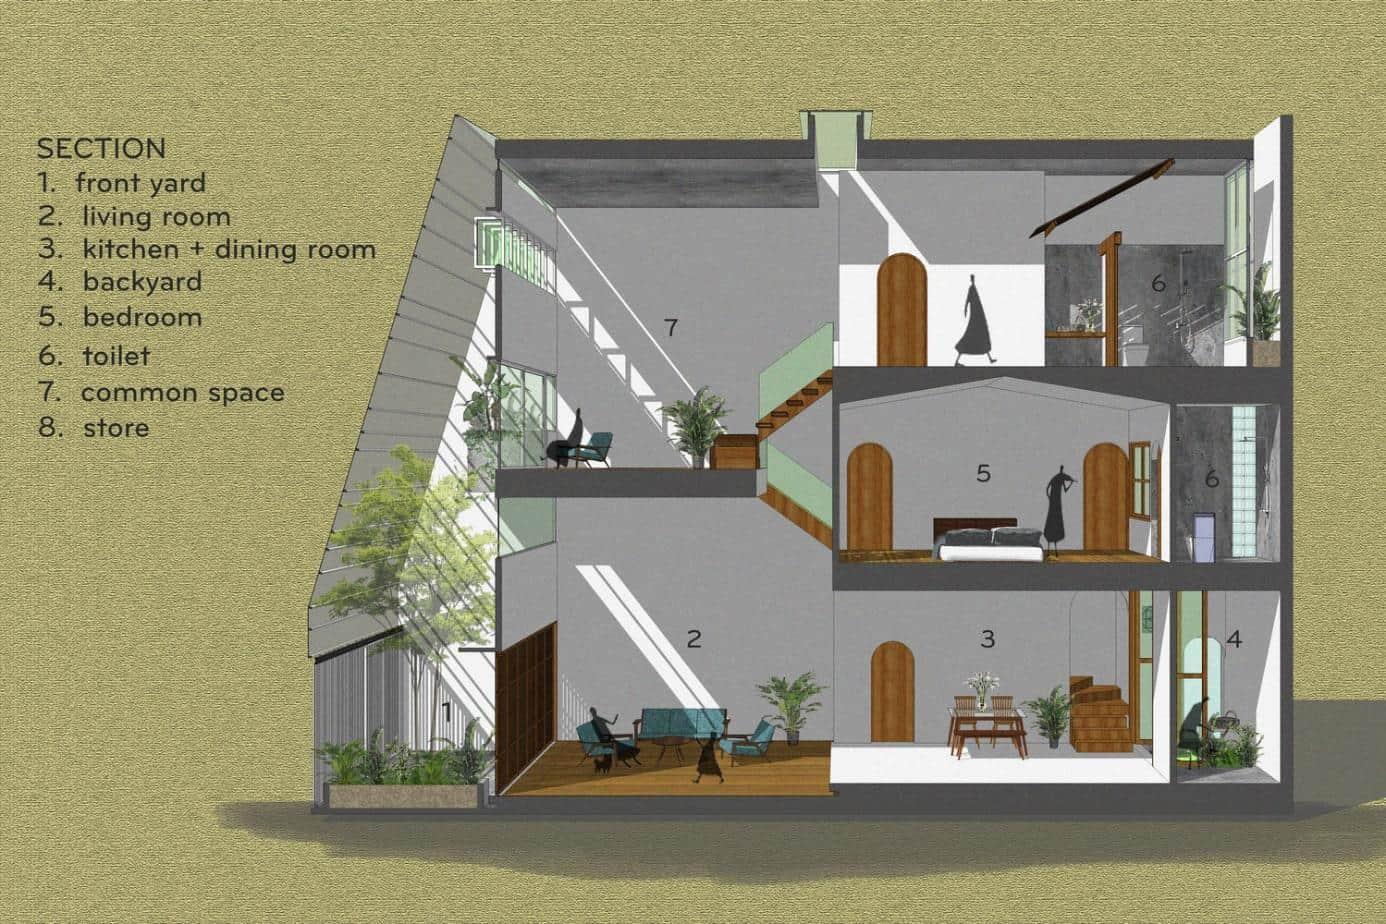 """thiet ke xanh don gian ma an tuong cua ngoi nha tai nha trang 10 - Thiết kế """"xanh"""" đơn giản mà ấn tượng của ngôi nhà tại Nha Trang"""